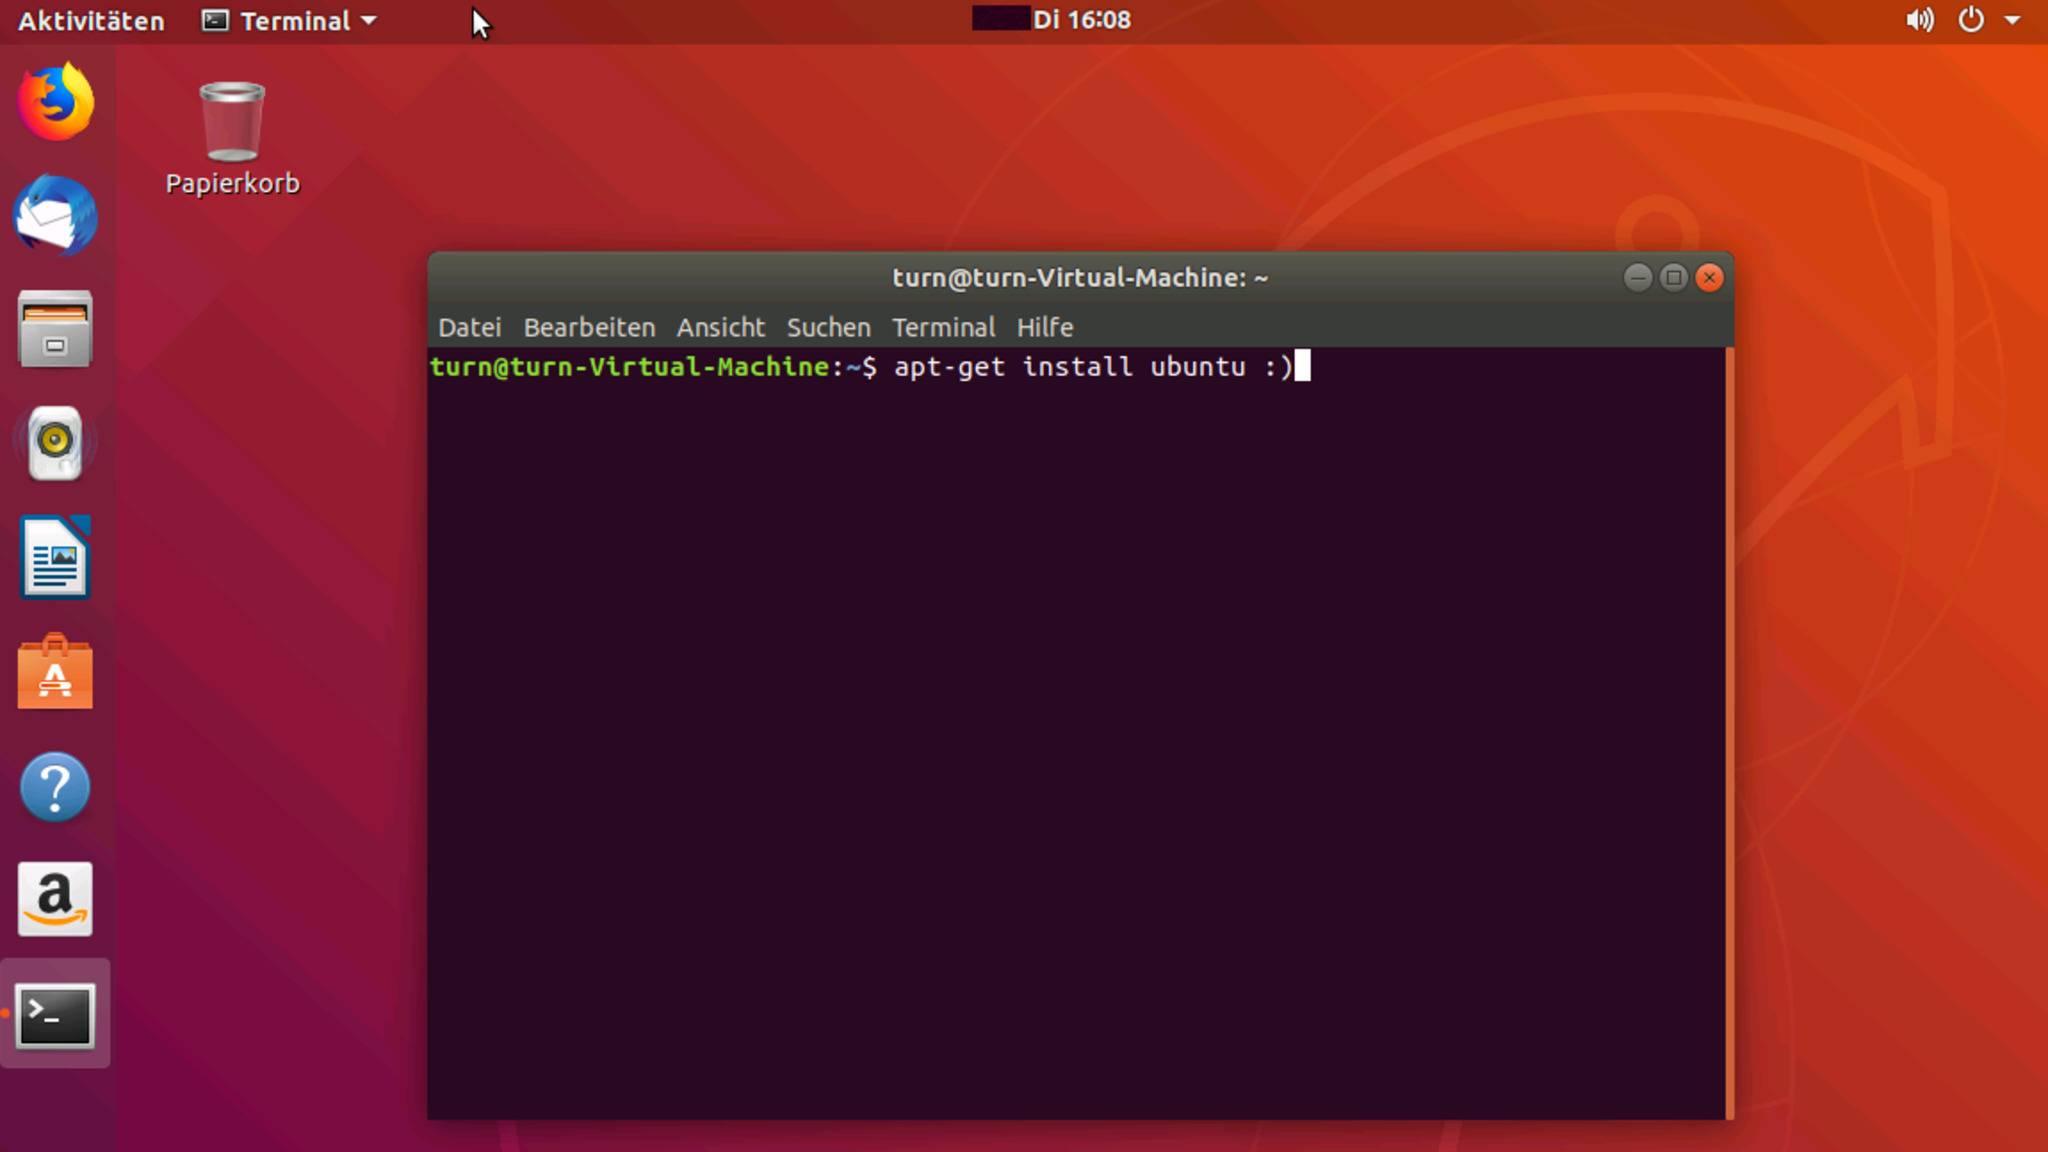 Wir zeigen Dir vier Methoden, wie Du Ubuntu installieren kannst.